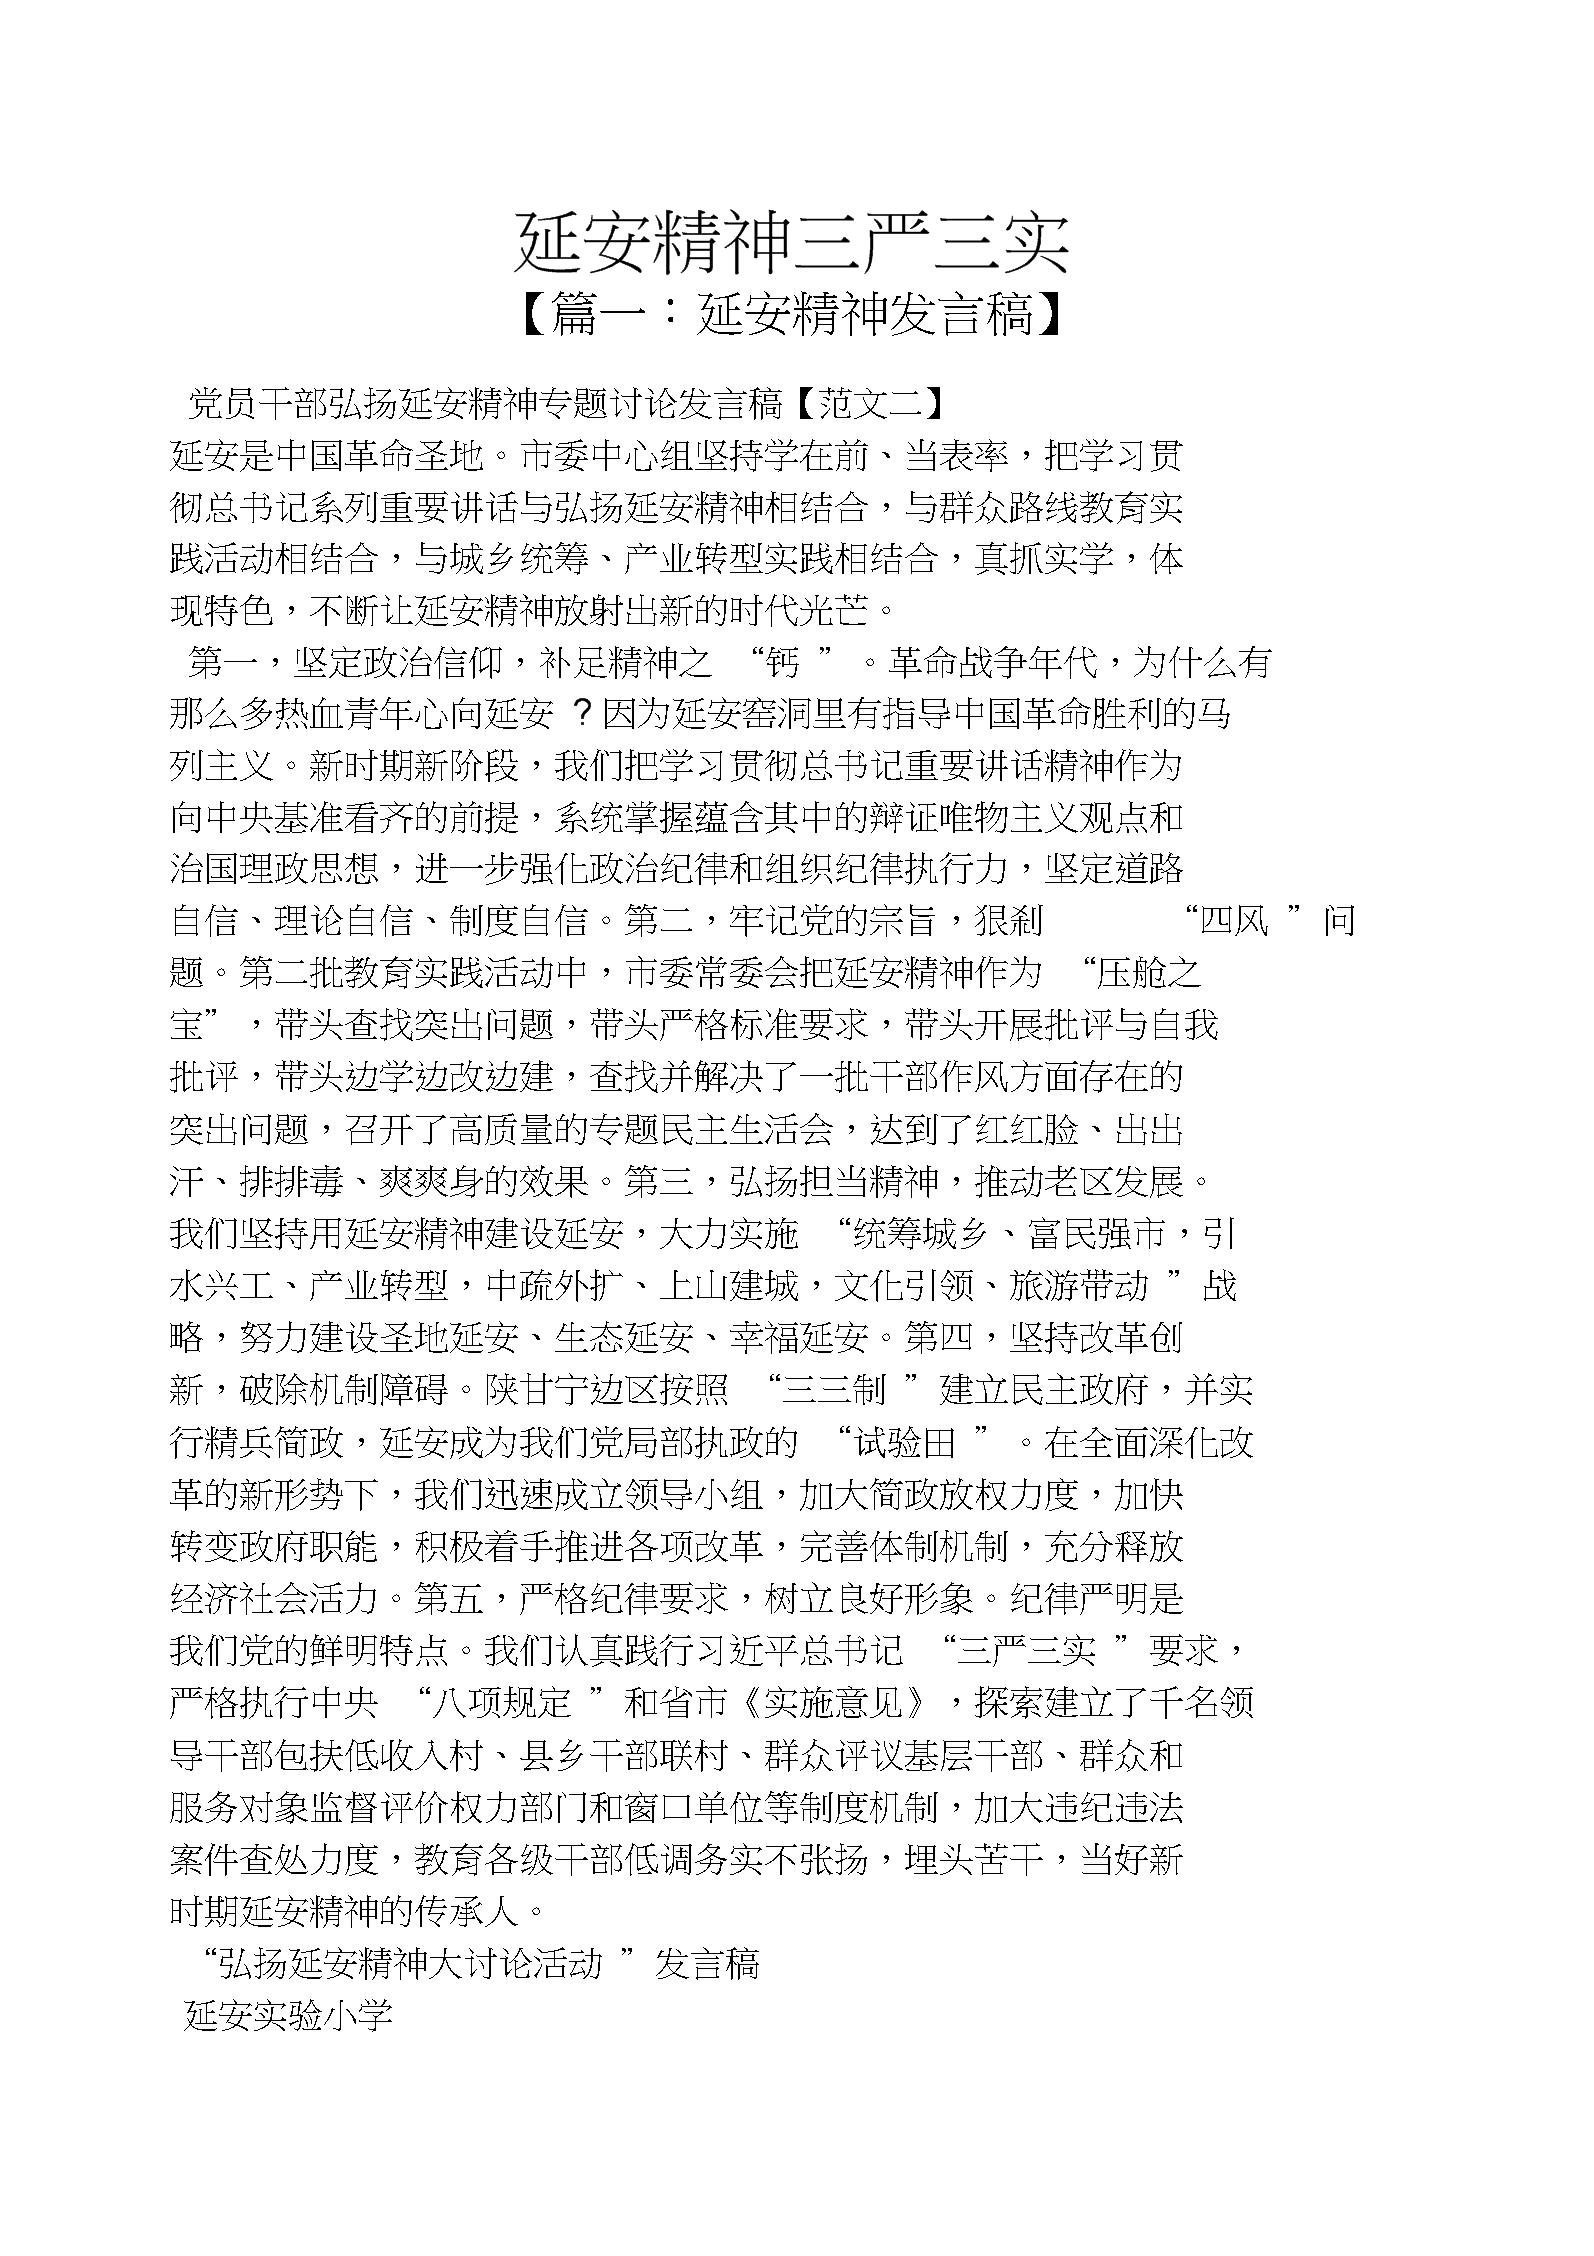 延安精神三严三实(20201118171431).docx